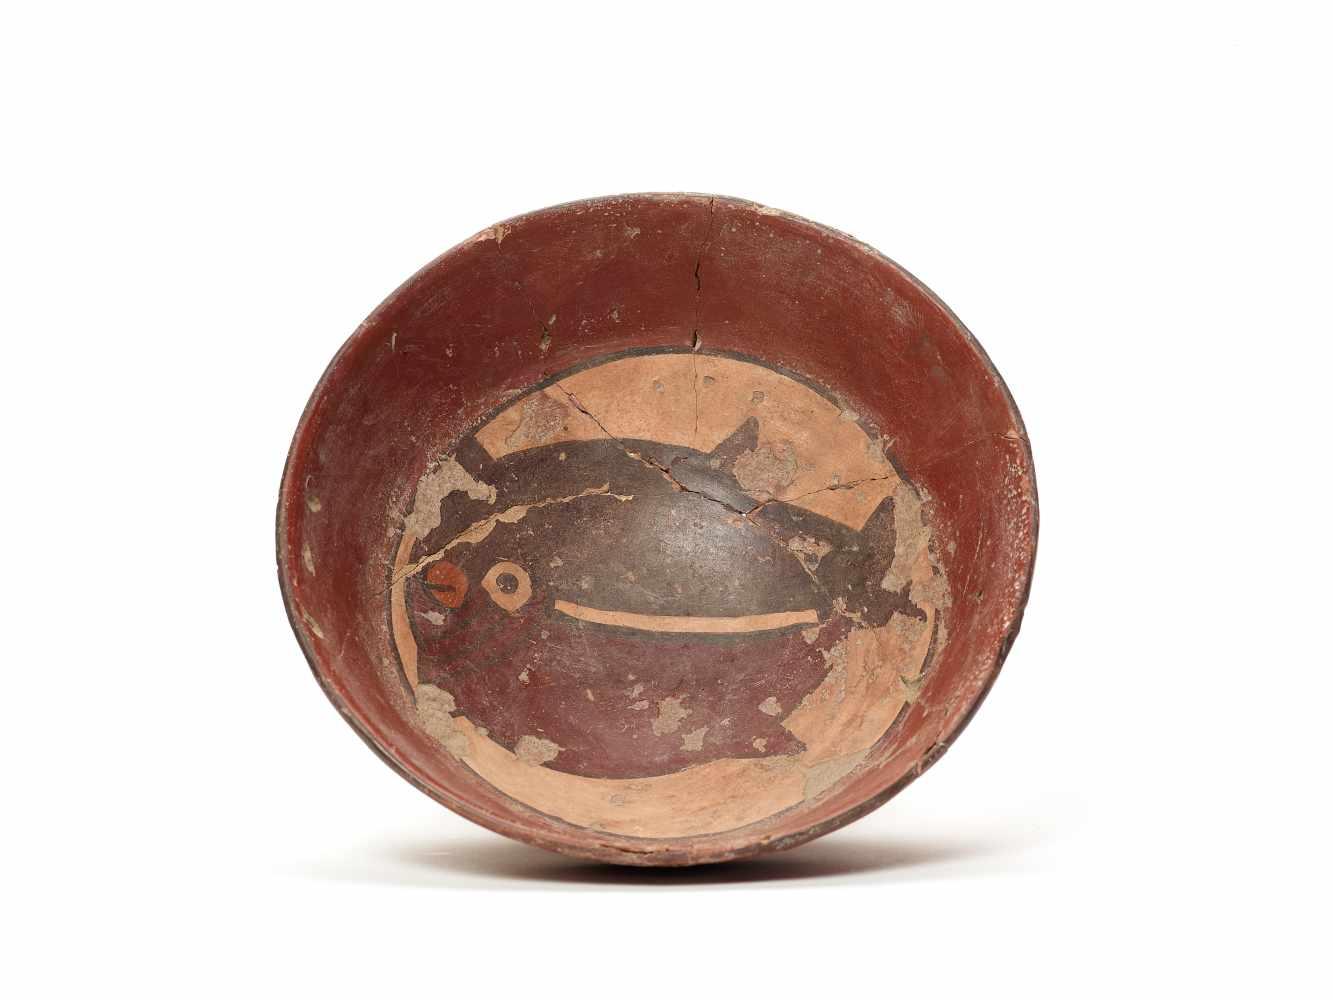 BOWL WITH BLOWFISH - NAZCA, PERU, C. 300-600 ADPainted clayNazca, Peru, c. 300-600 ADArched